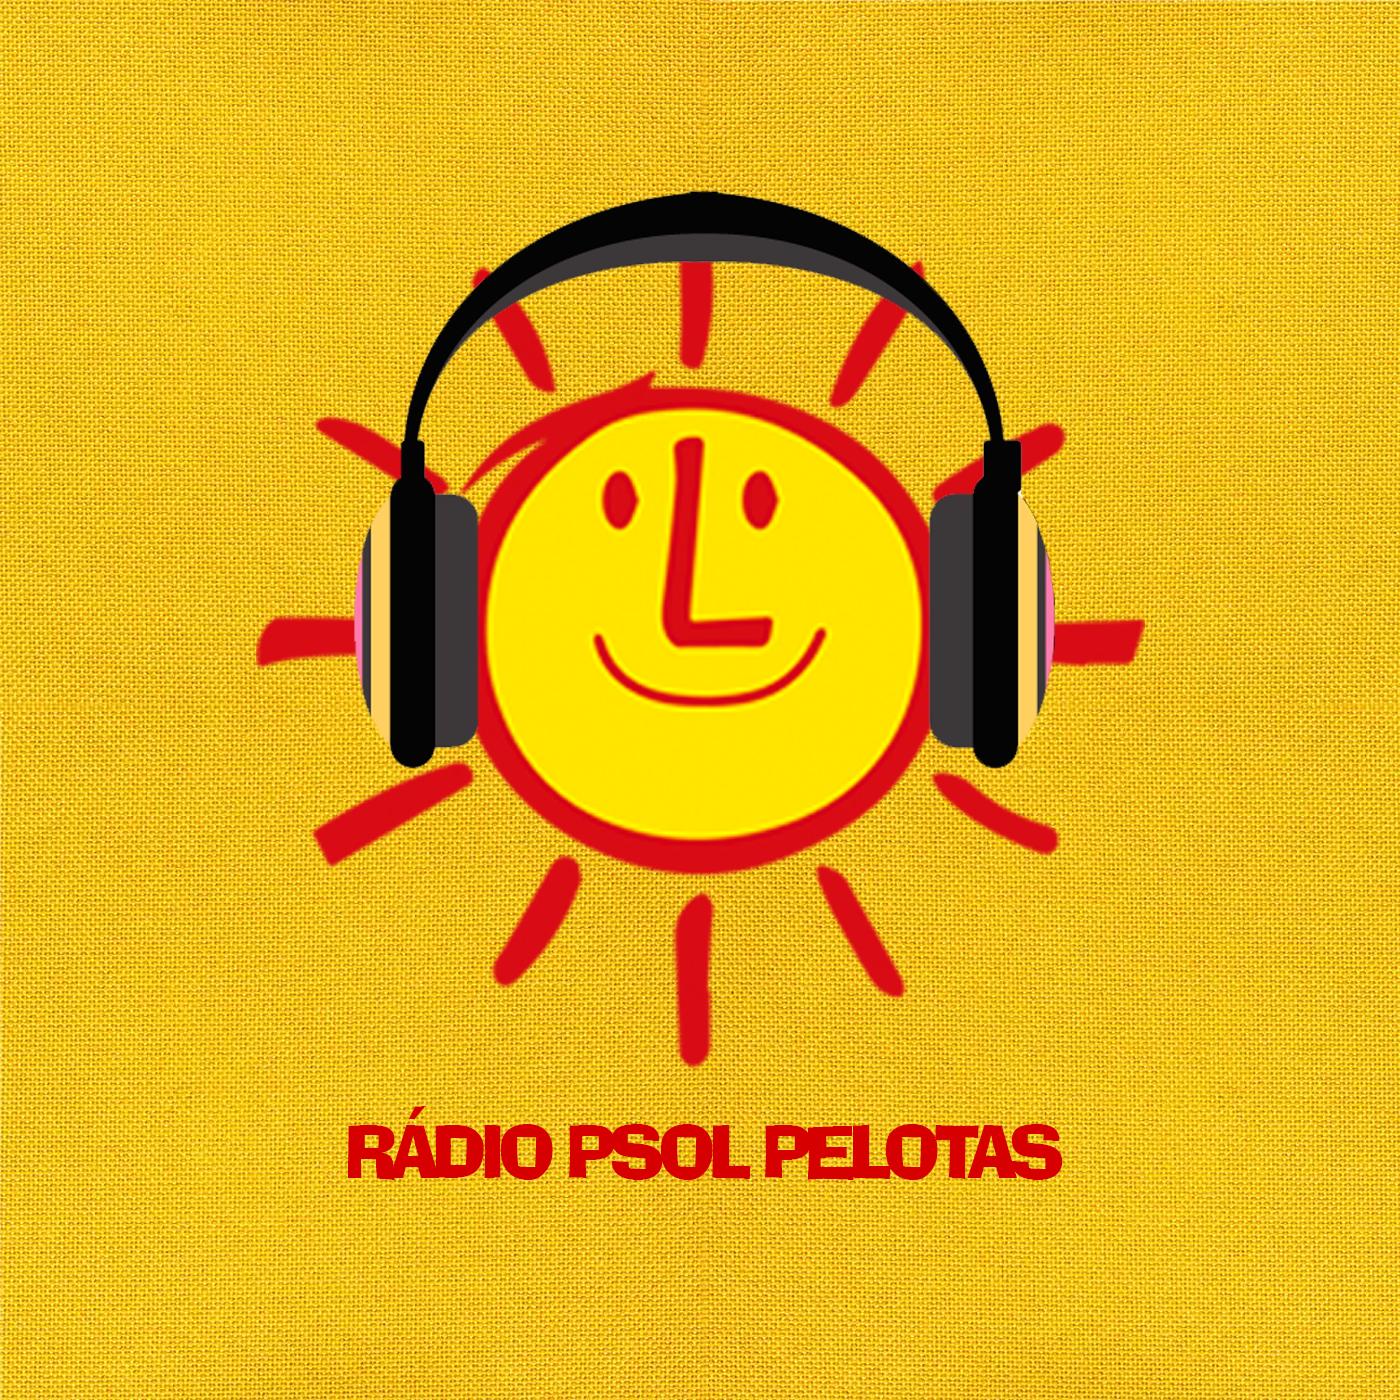 Rádio PSOL Pelotas